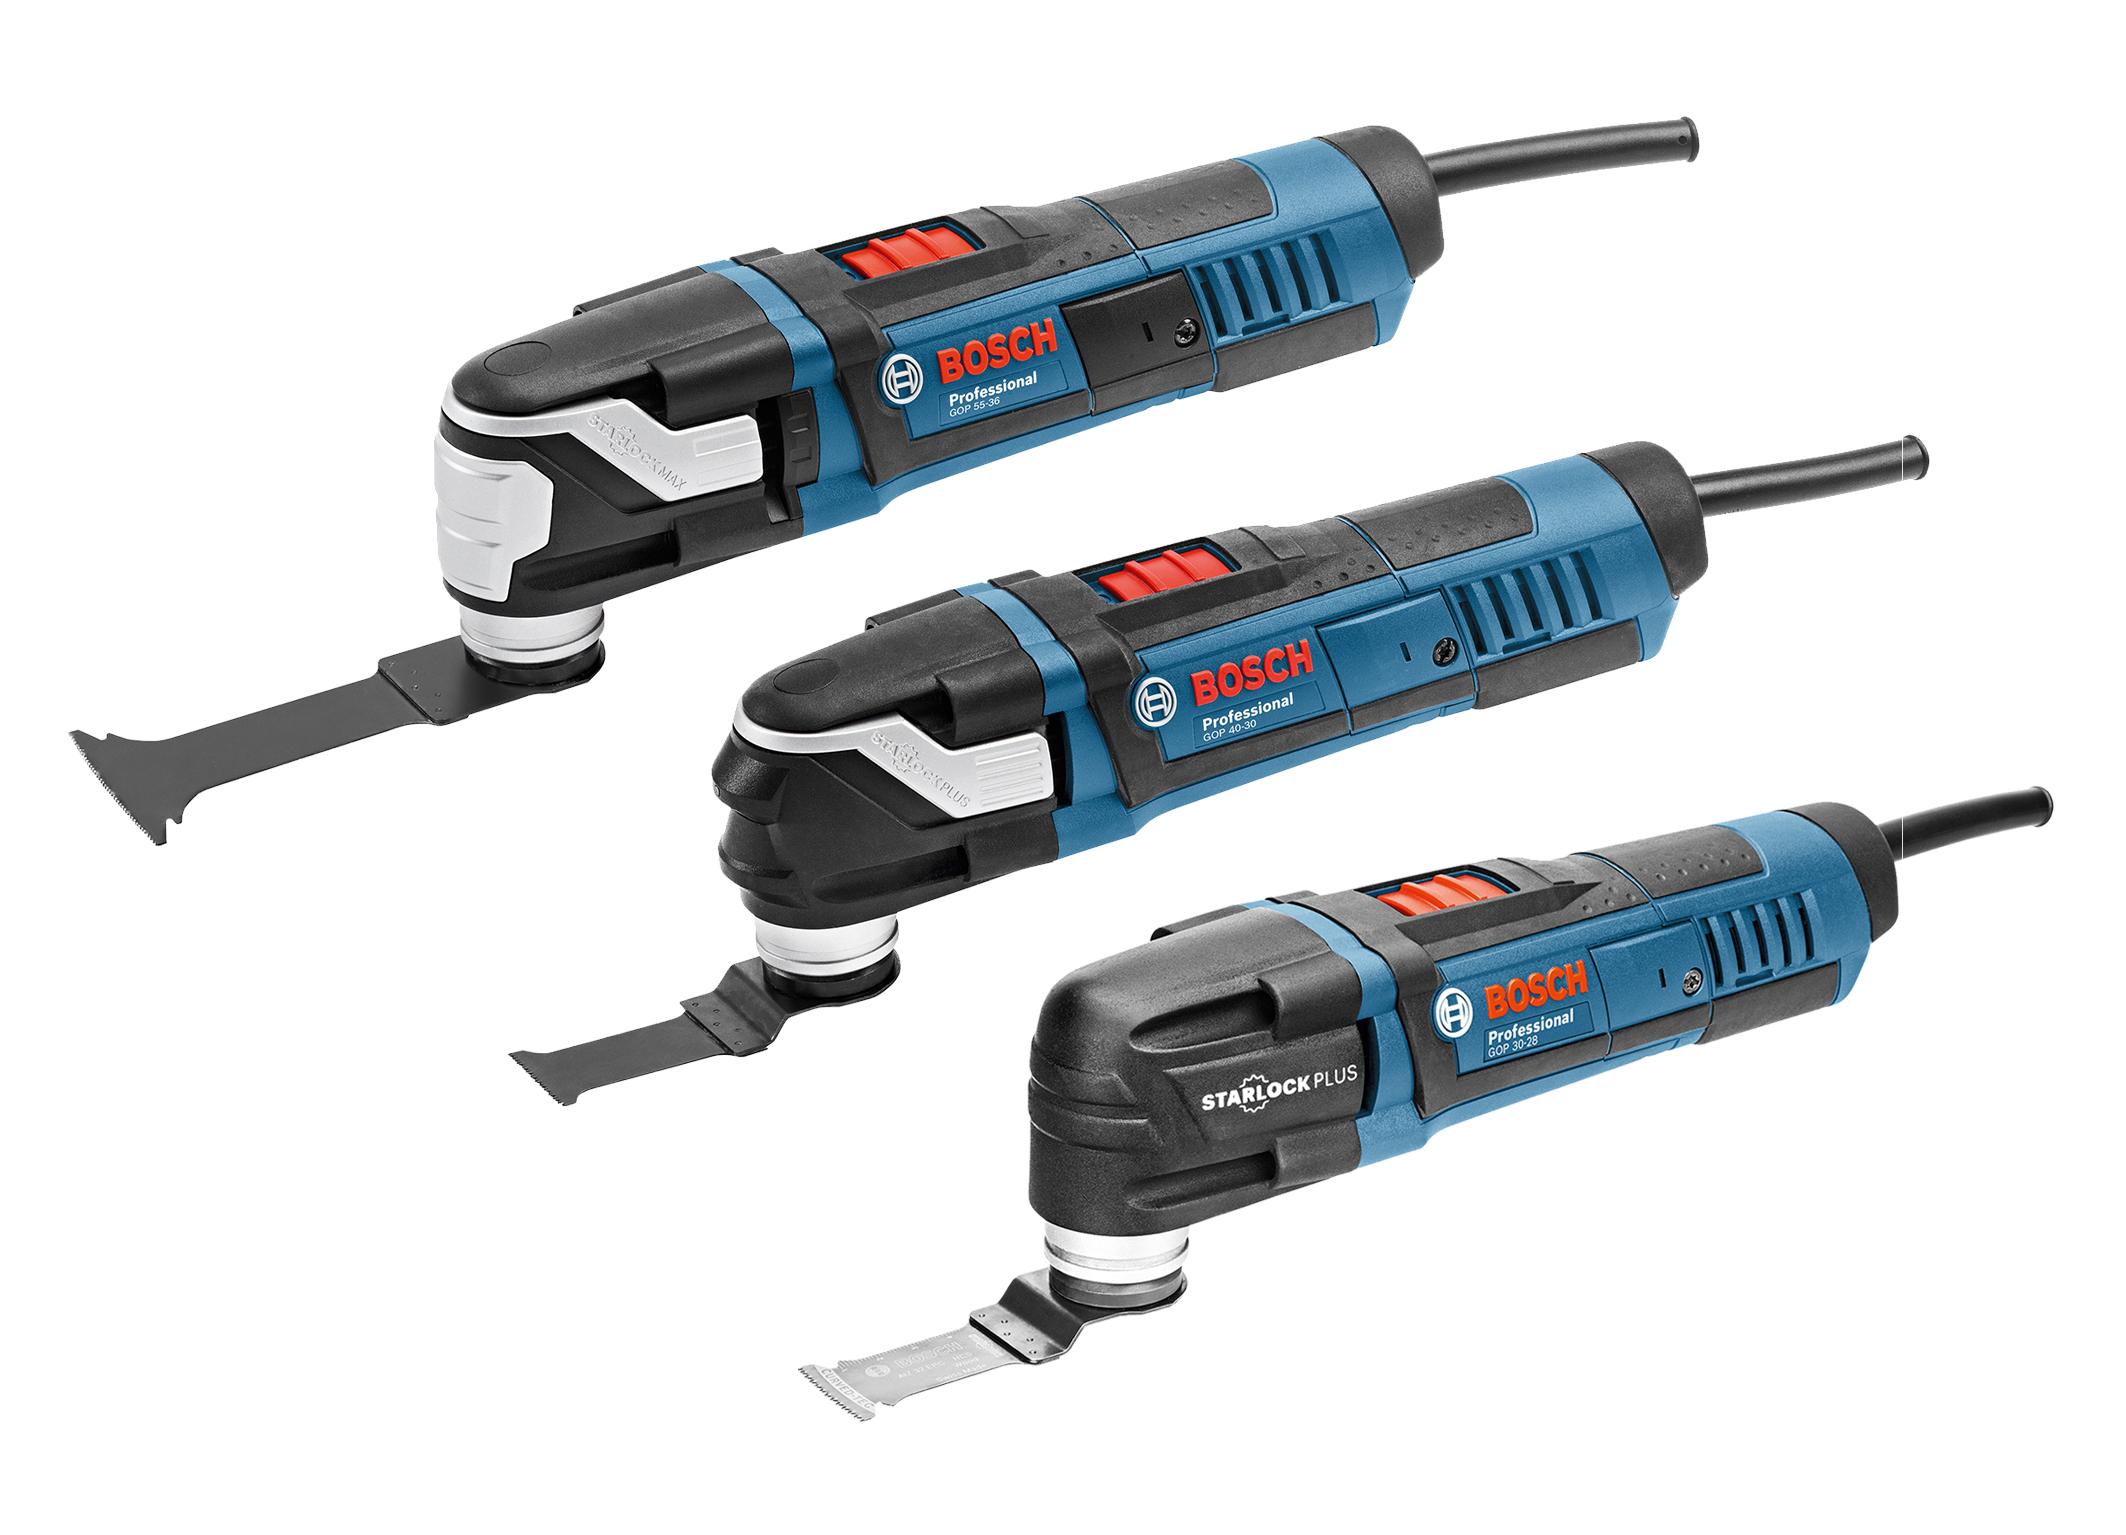 Bosch Professional e Bosch Hobby - Nuovi utensili multifunzione